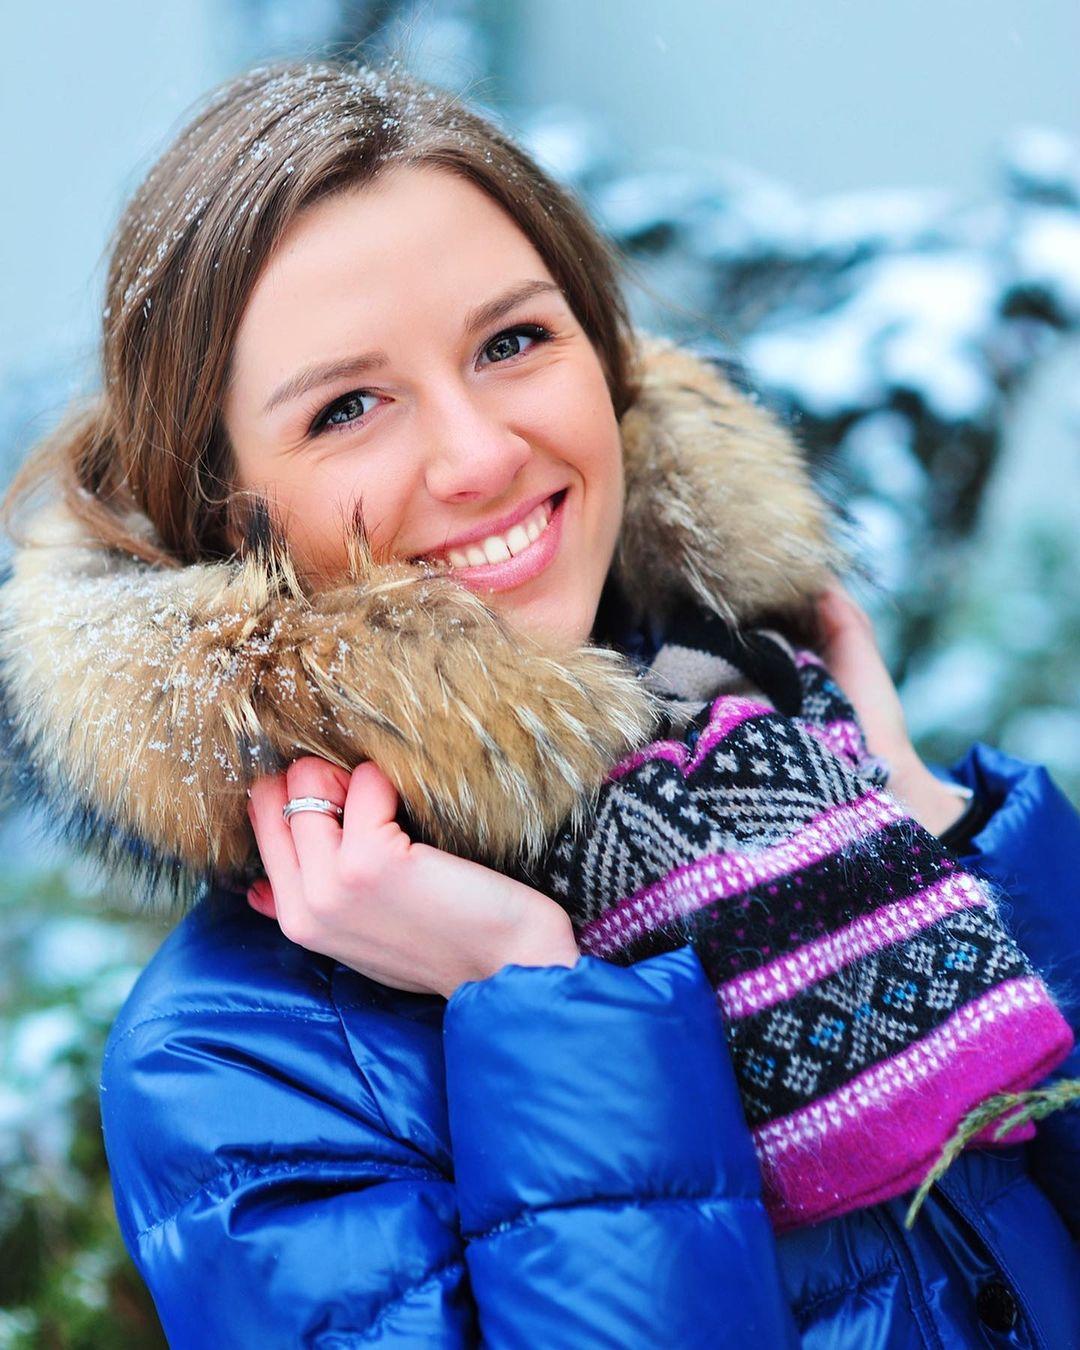 Кристина Решетник призналась, на сколько килограмм поправилась во время беременности